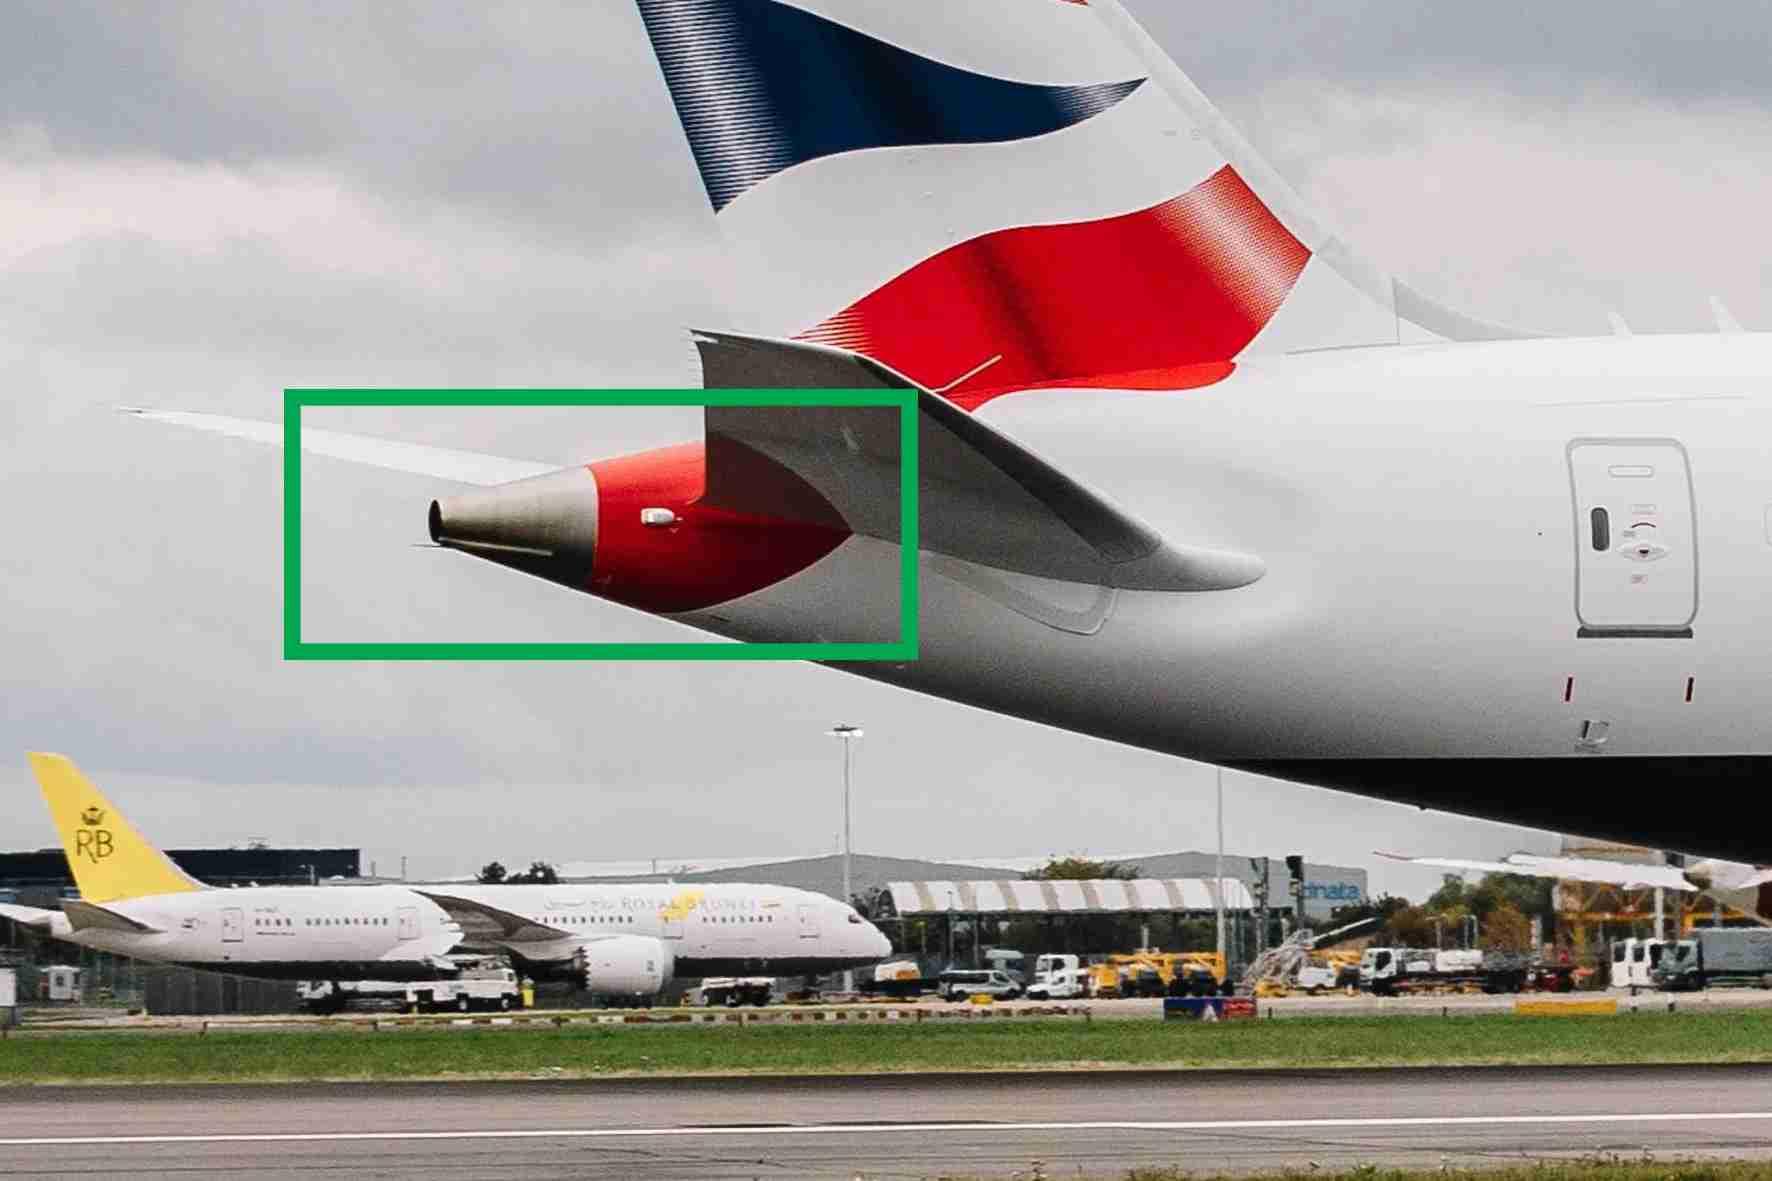 Boeing 787 Dreamliner APU. Image via British Airways.